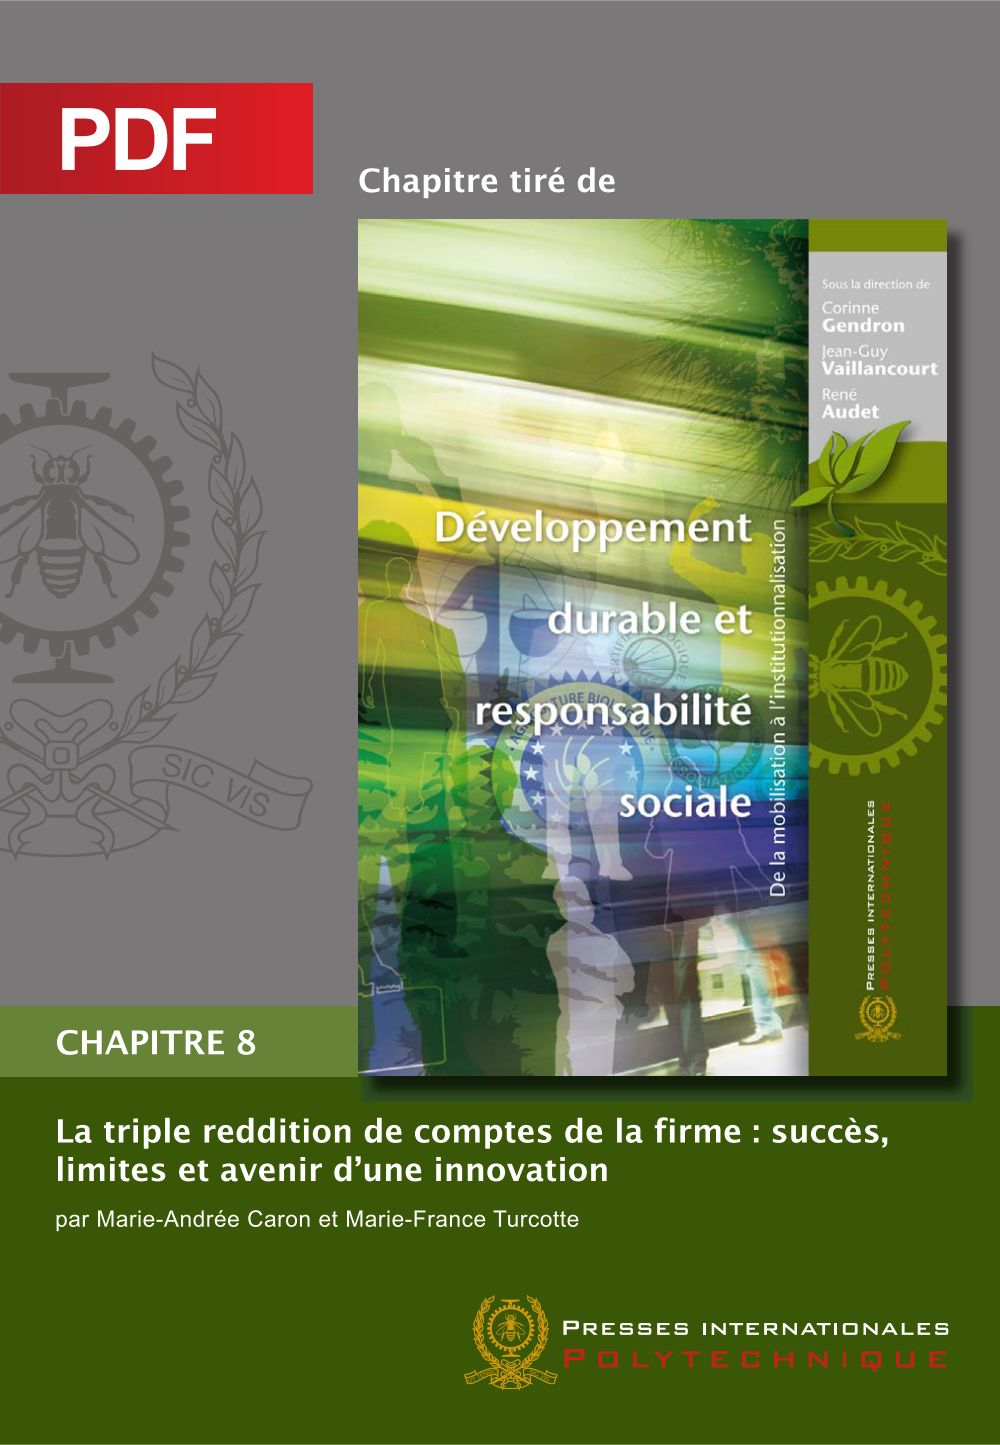 La triple reddition de comptes de la firme: succès, limites et avenir d'une innovation (Chapitre PDF)